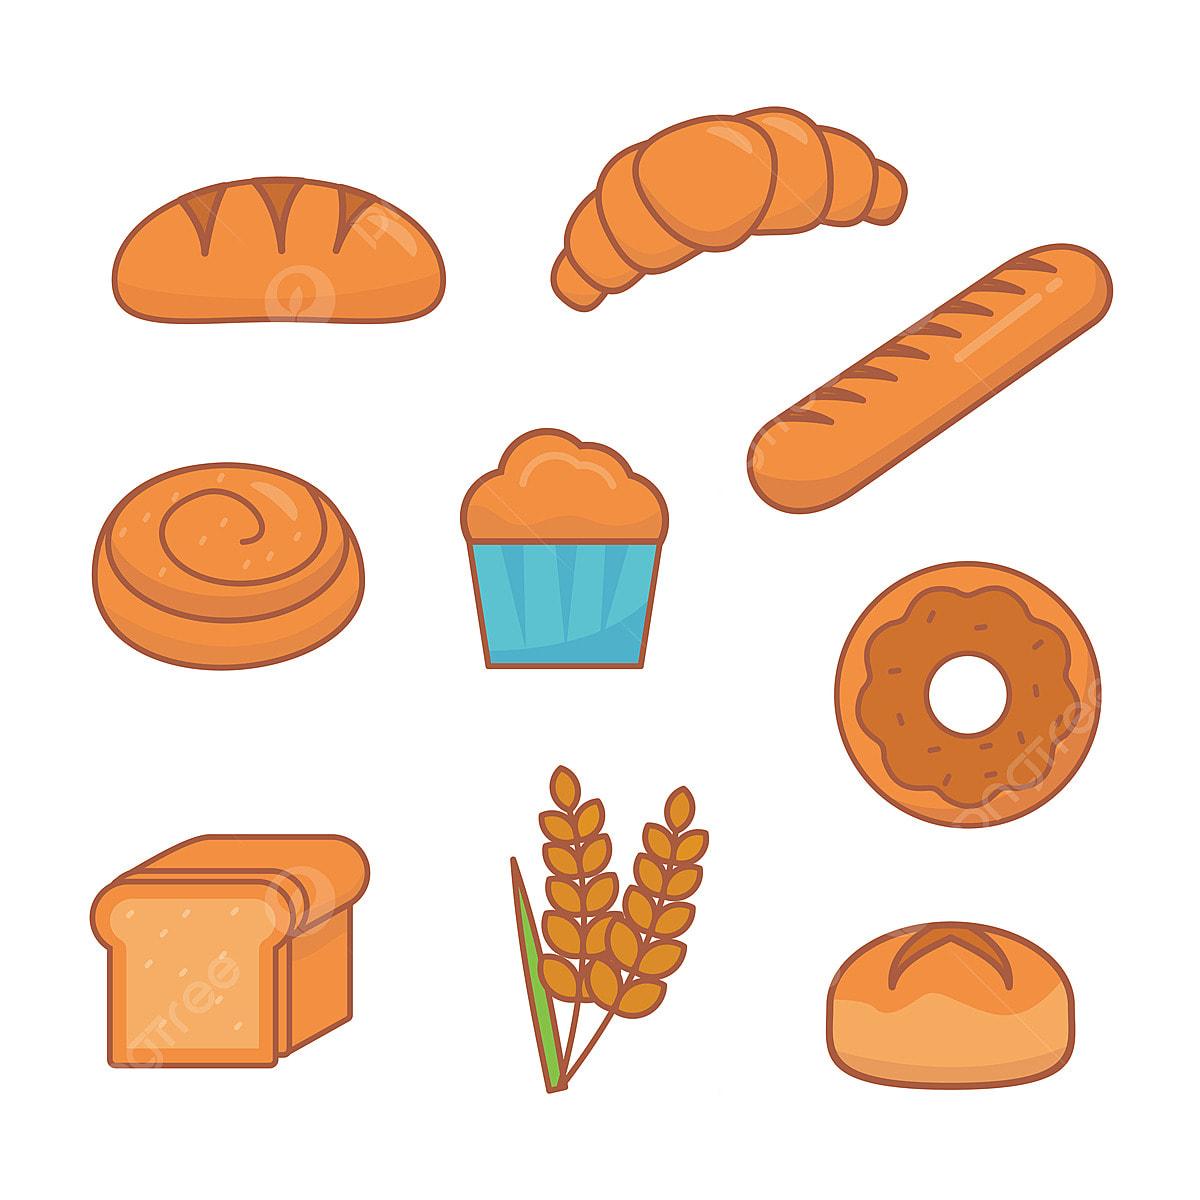 مجموعة من الرسوم التوضيحية ذات الصلة بالخبز المعزولة على خلفية بيضاء مثل خبز دونات كب كيك وغيرها ناقلات مخبز الخبز Png والمتجهات للتحميل مجانا